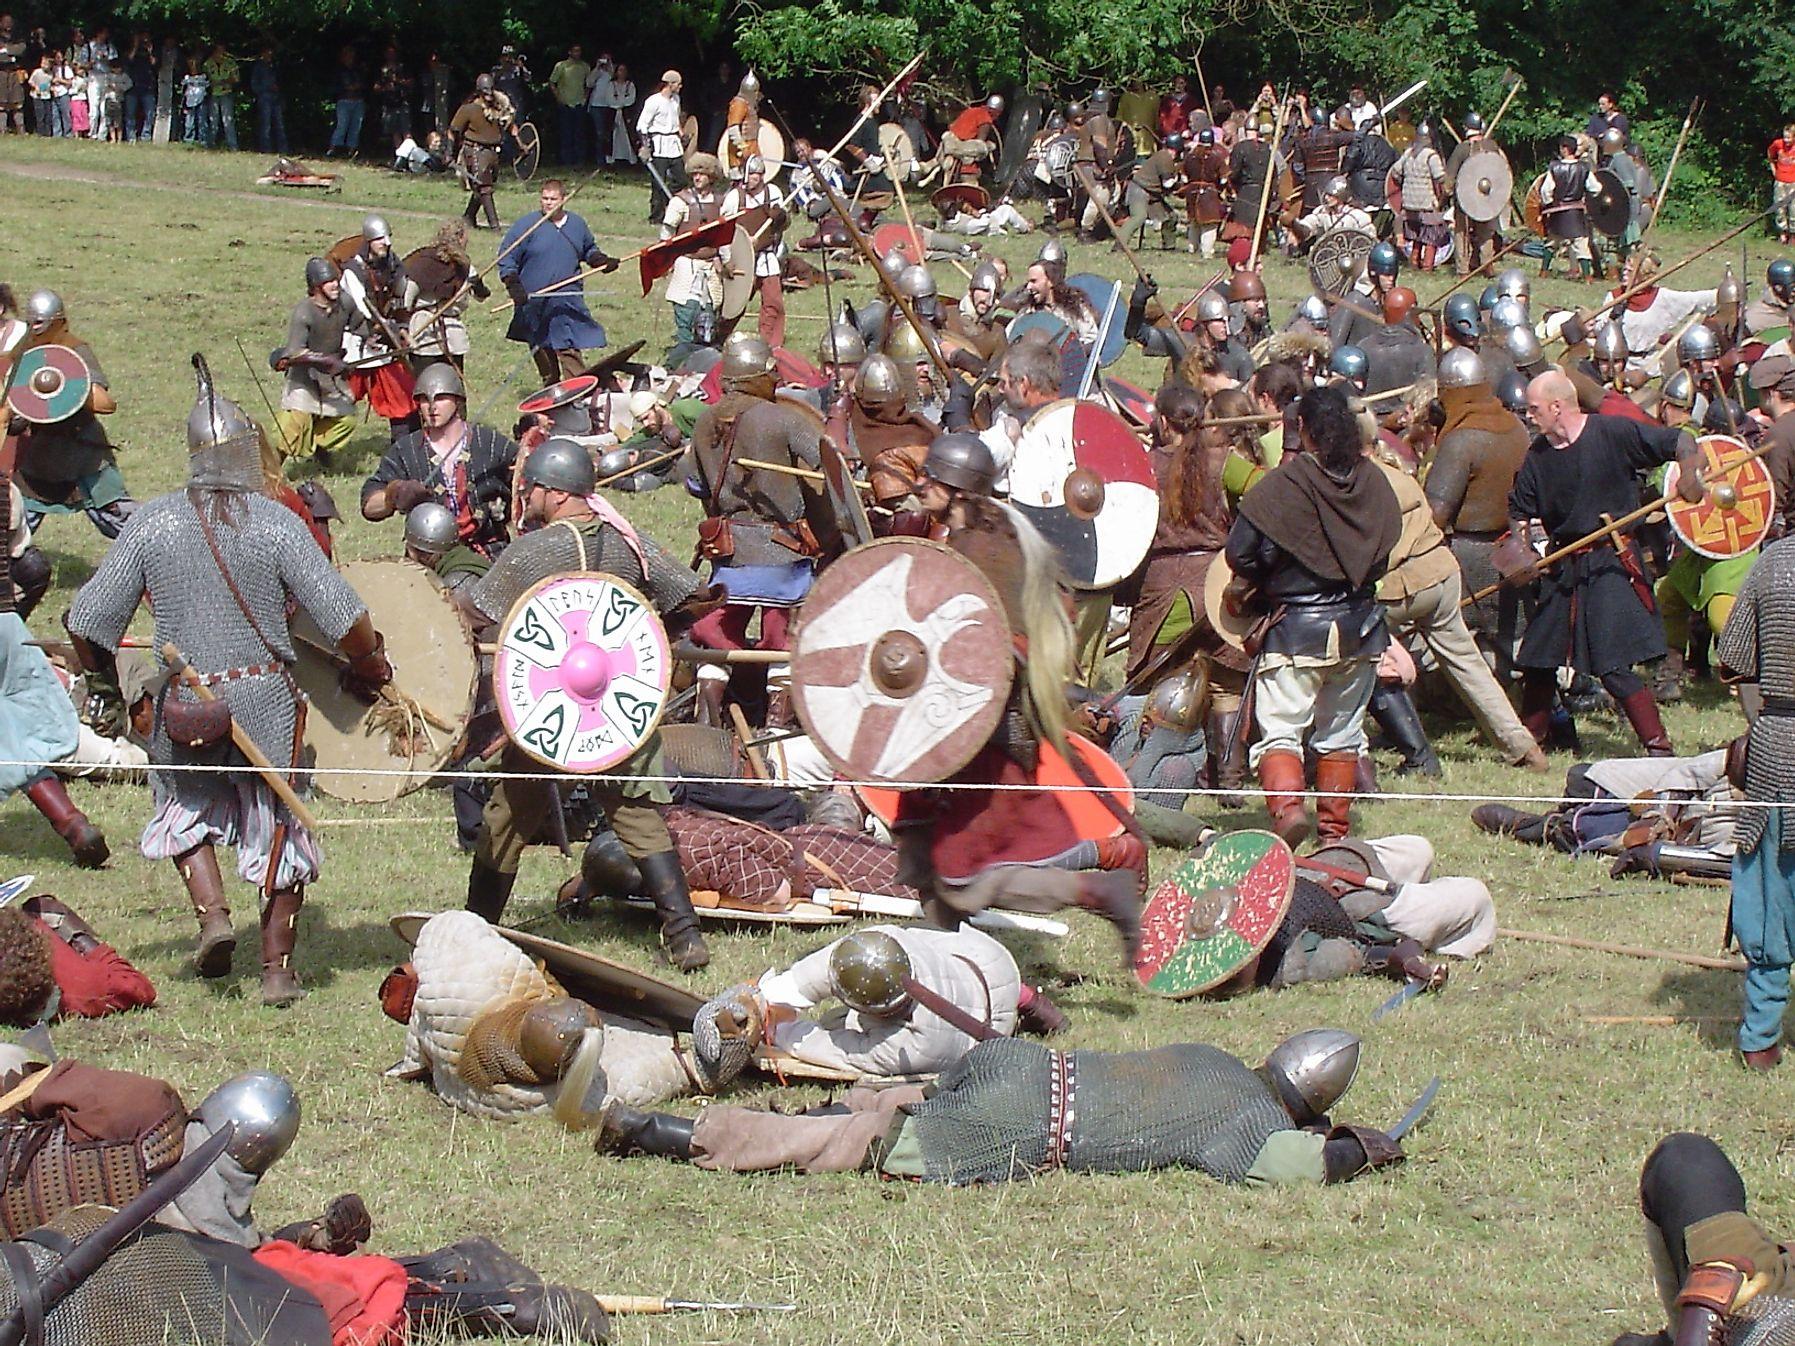 Vikings Norsemen Raiders WorldAtlascom